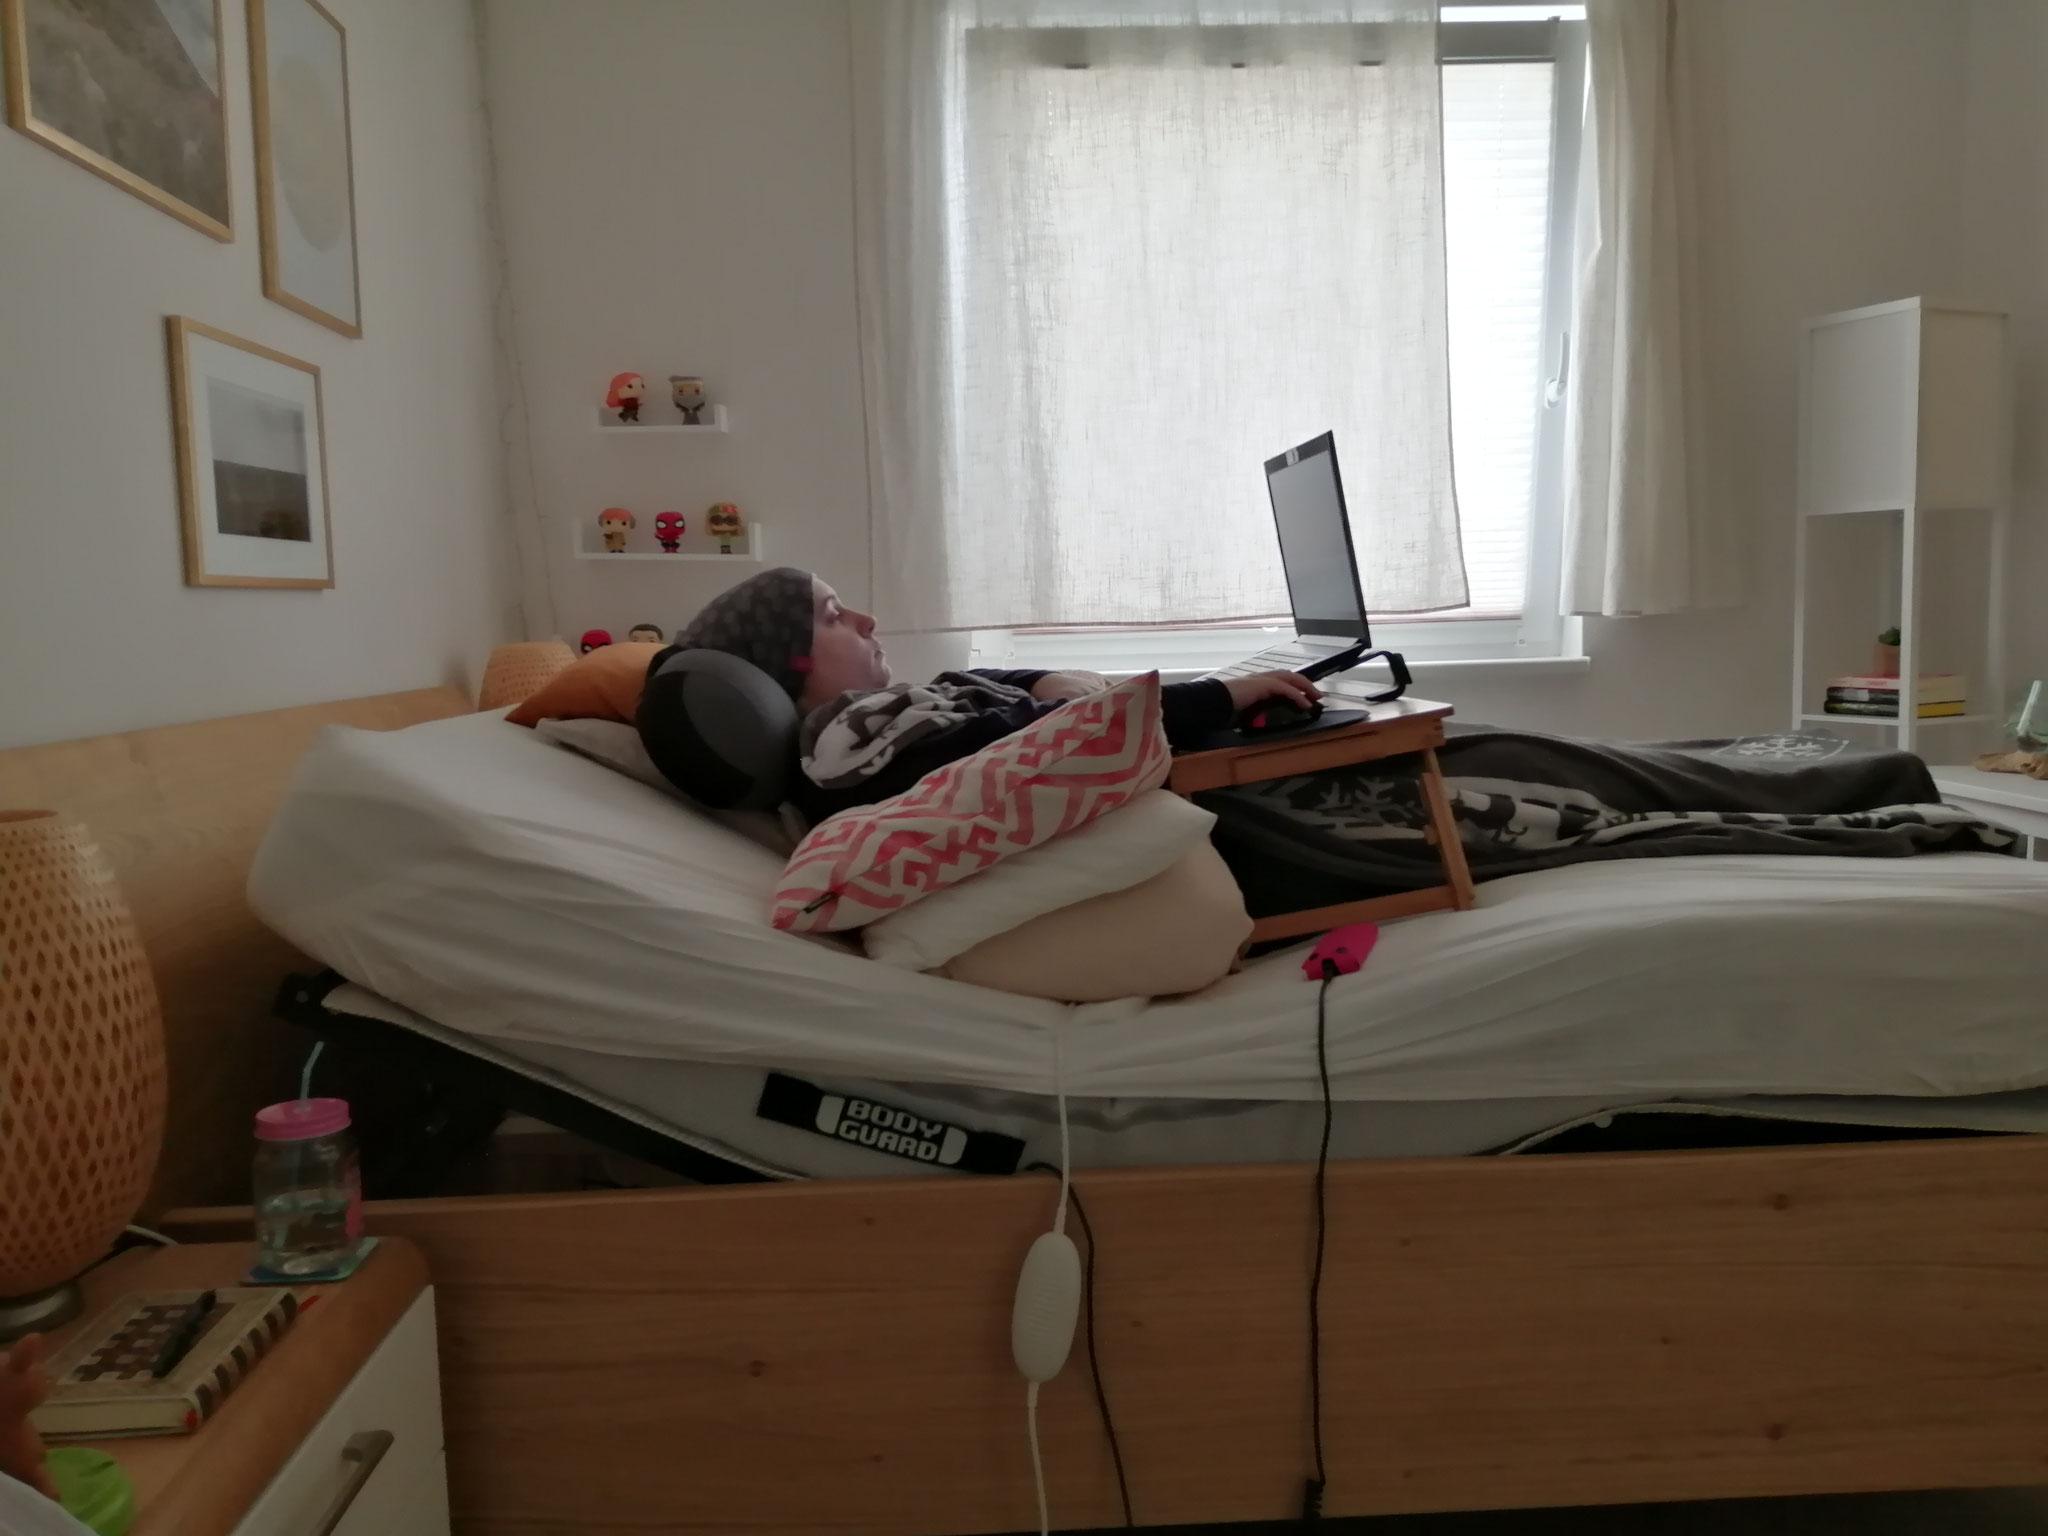 So im Bett liegend verbringe ich mein Leben.